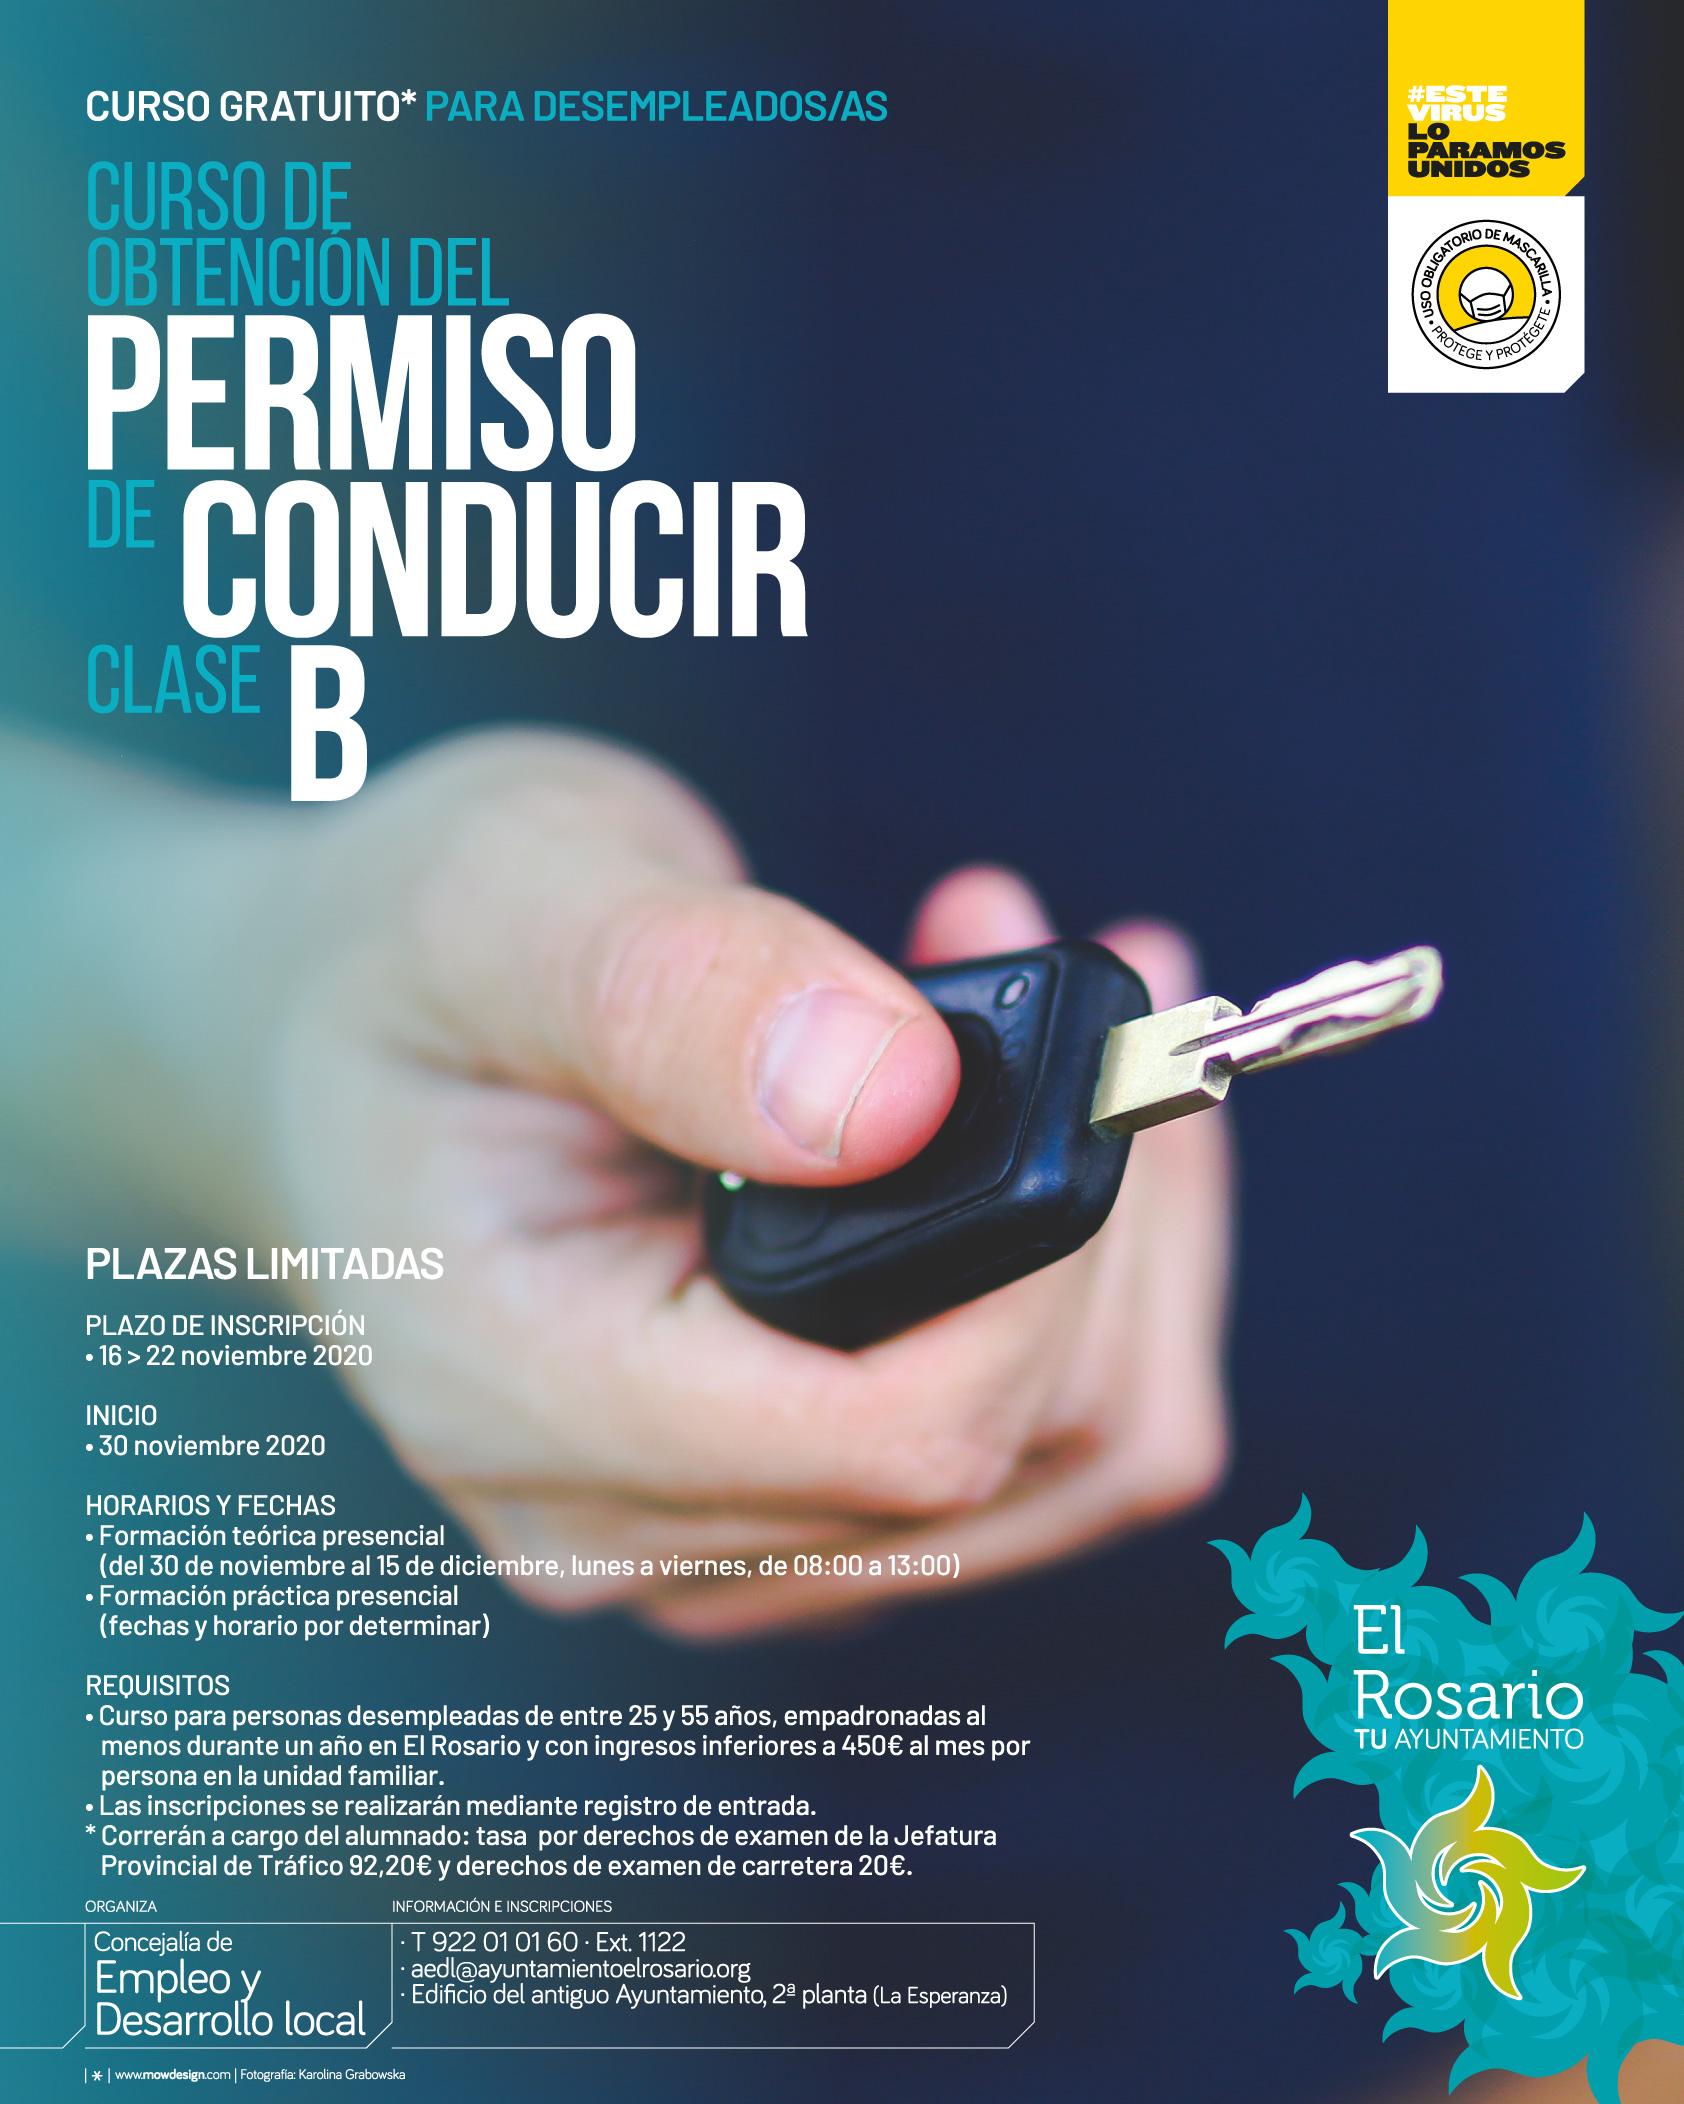 EL_ROSARIO-Curso_Permiso_Conducir_Clase_B-20201116-CARTEL_A3-20201115-01af-redes